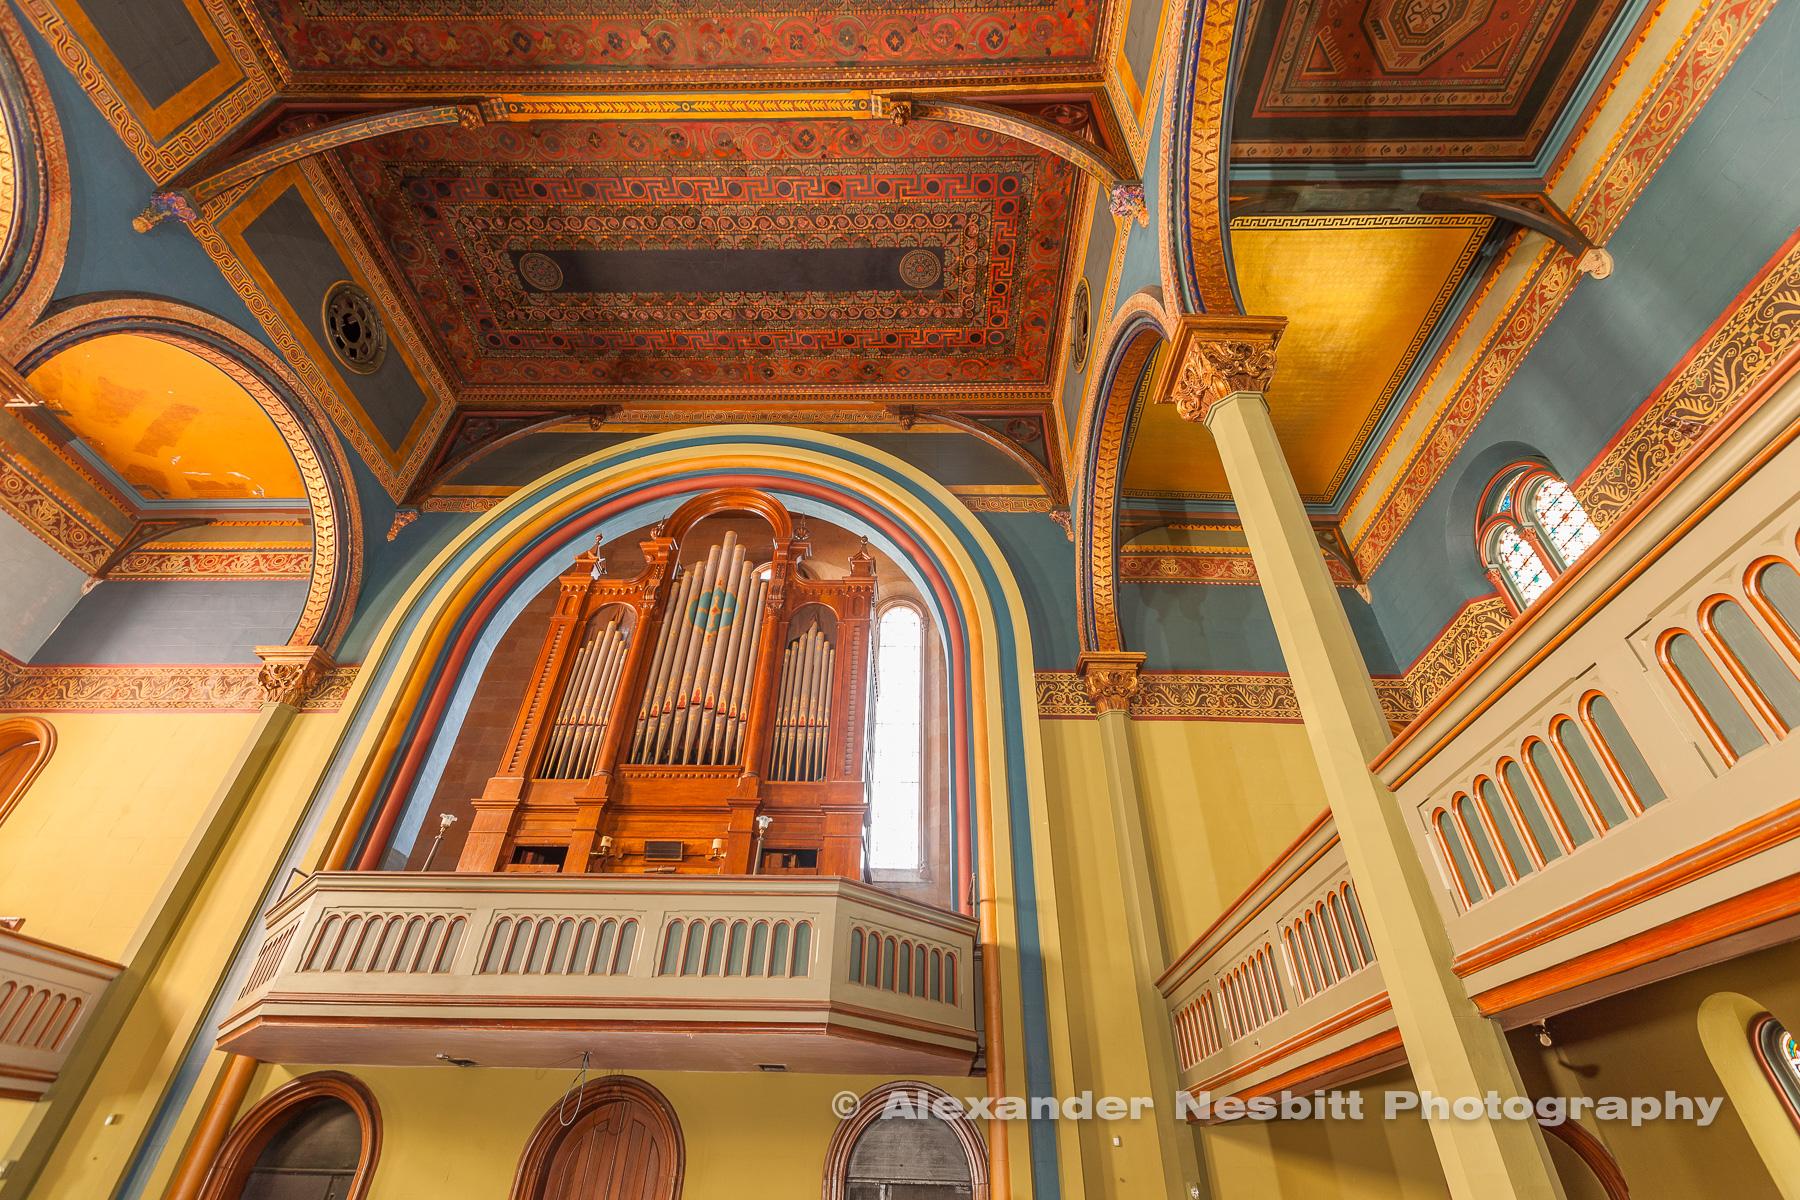 Nesbitt-Congregational-Church-interior-5E6A5738